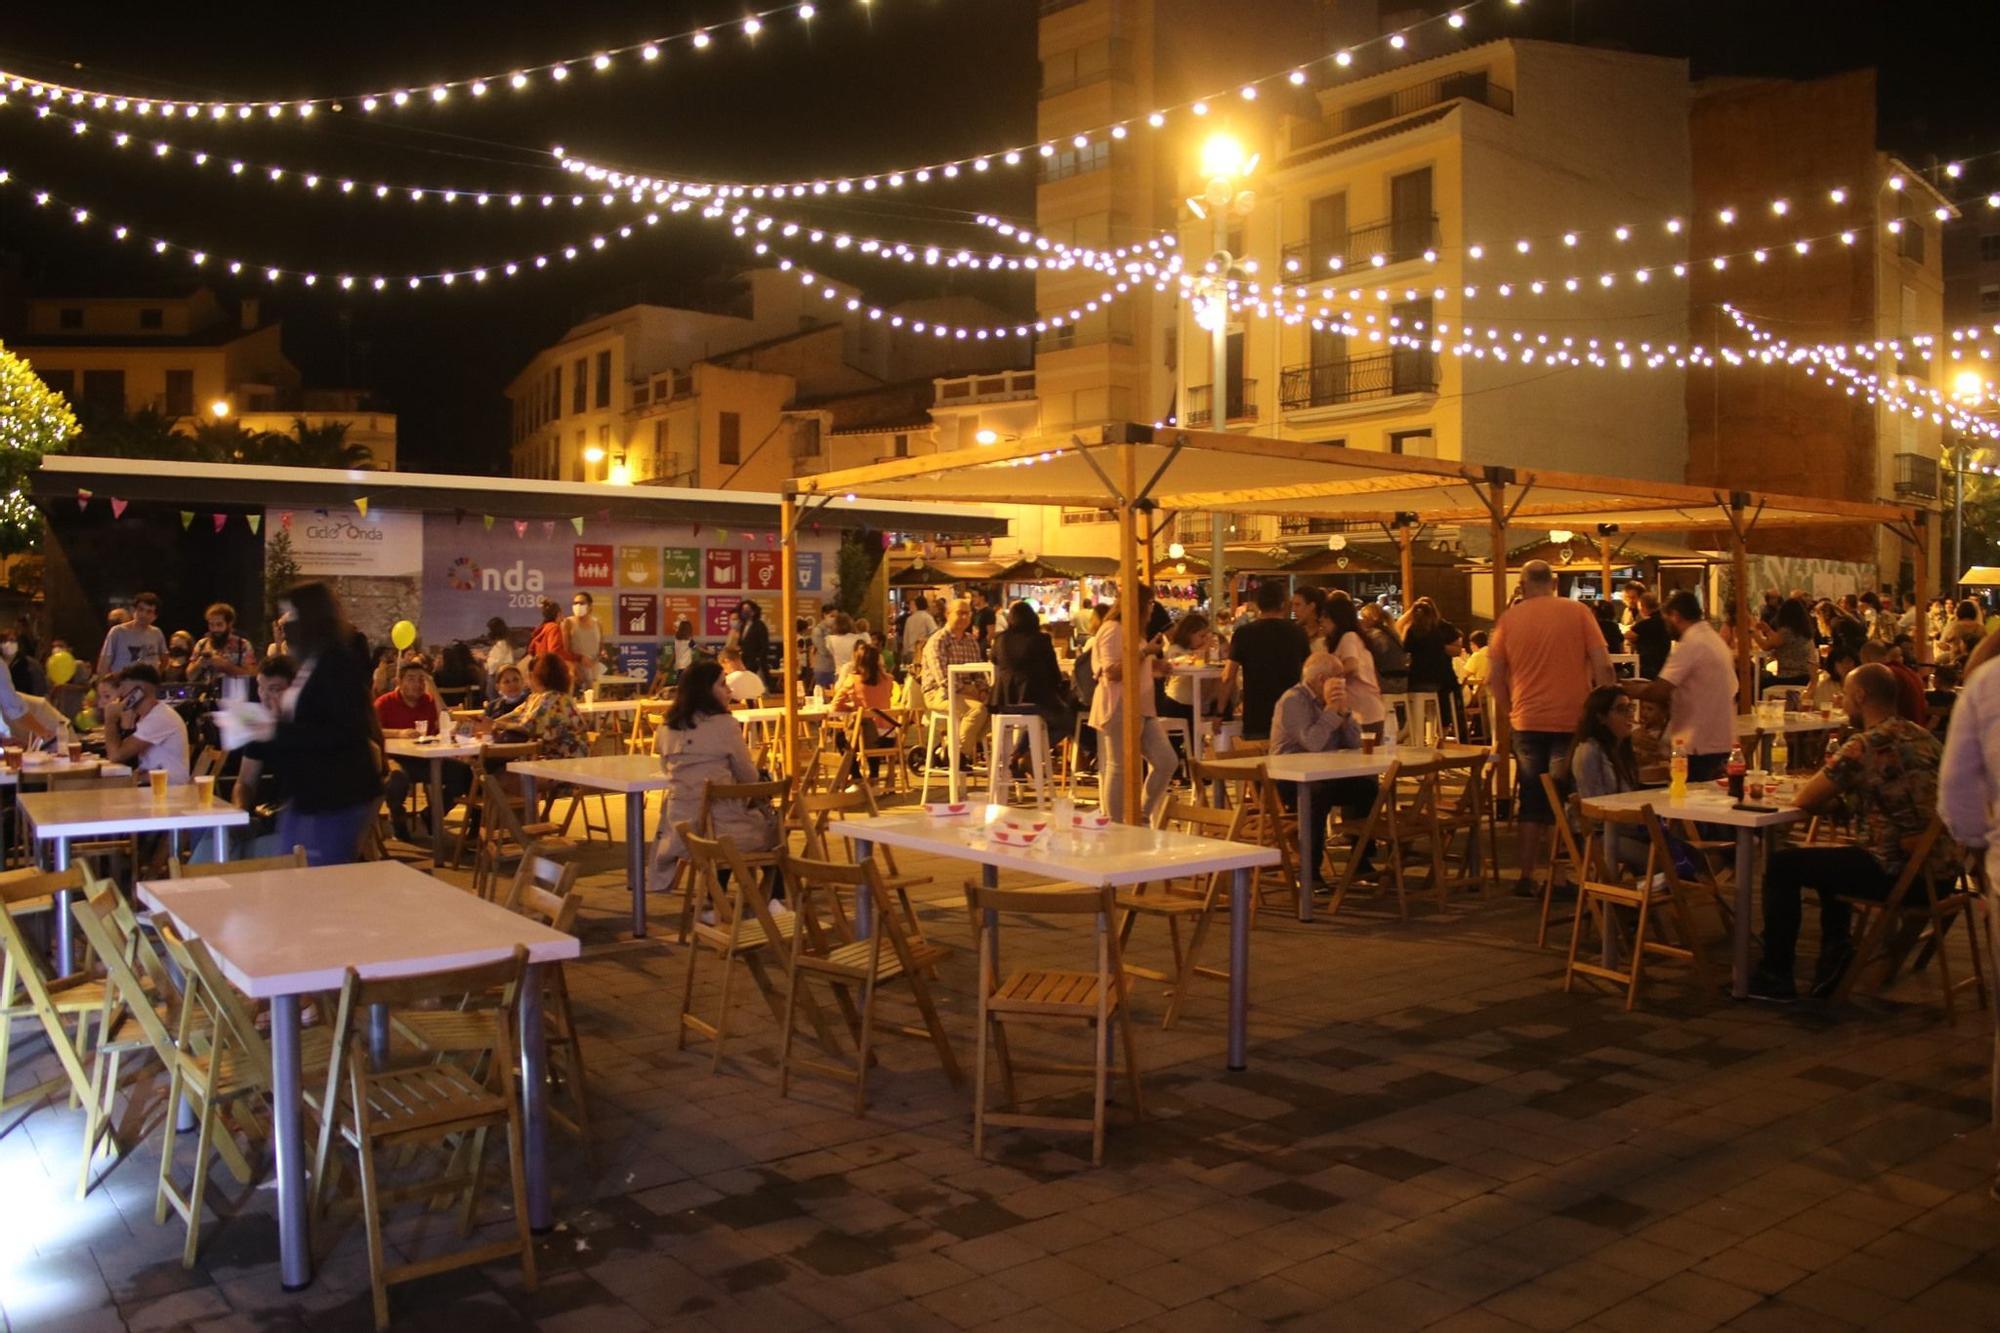 Recorre en imágenes la Feria de Sant Miquel de Onda